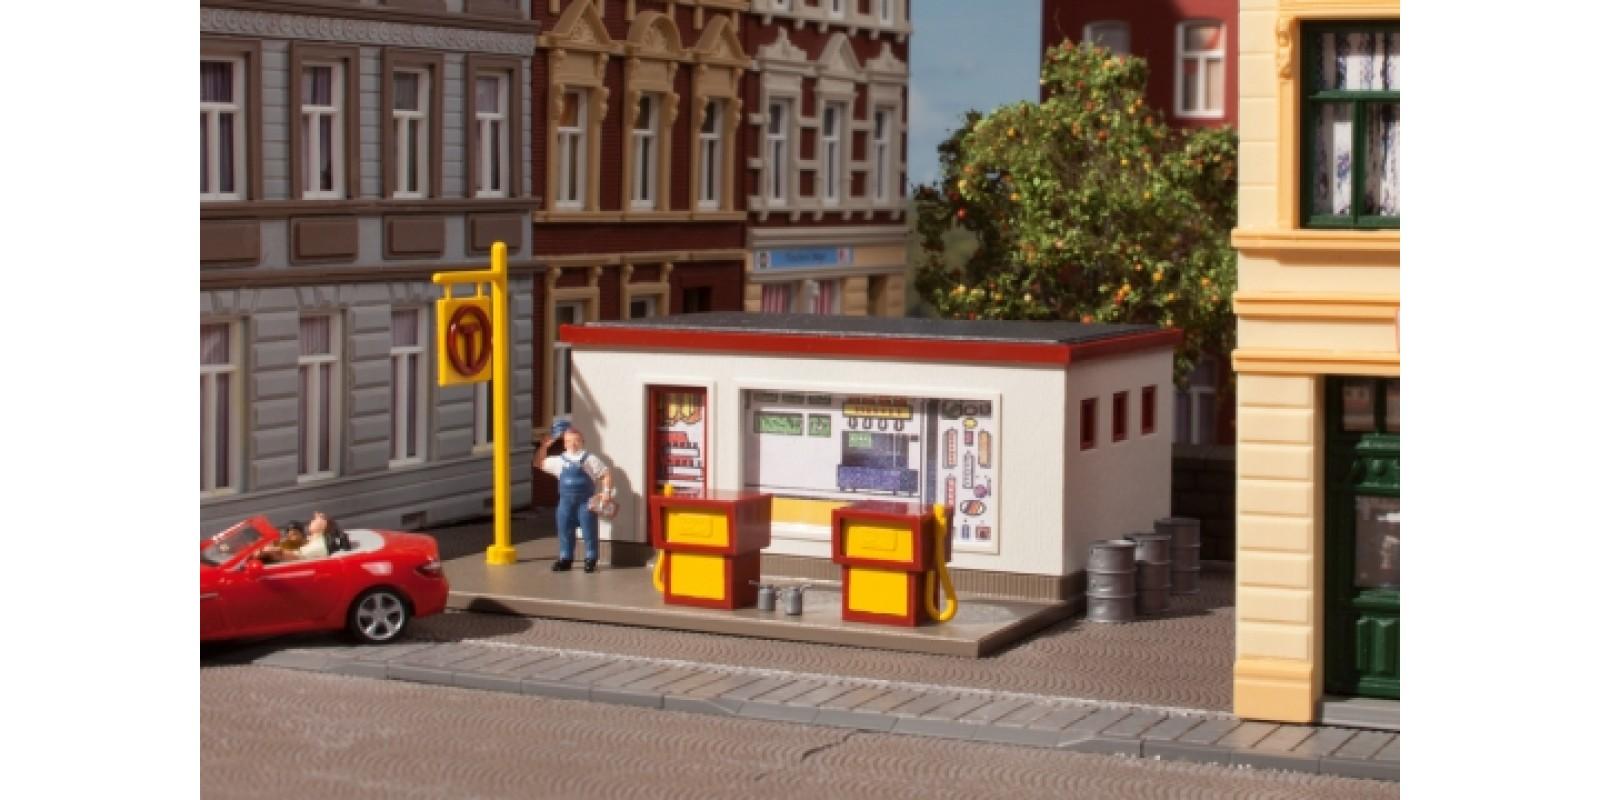 AU99053 Petrol station